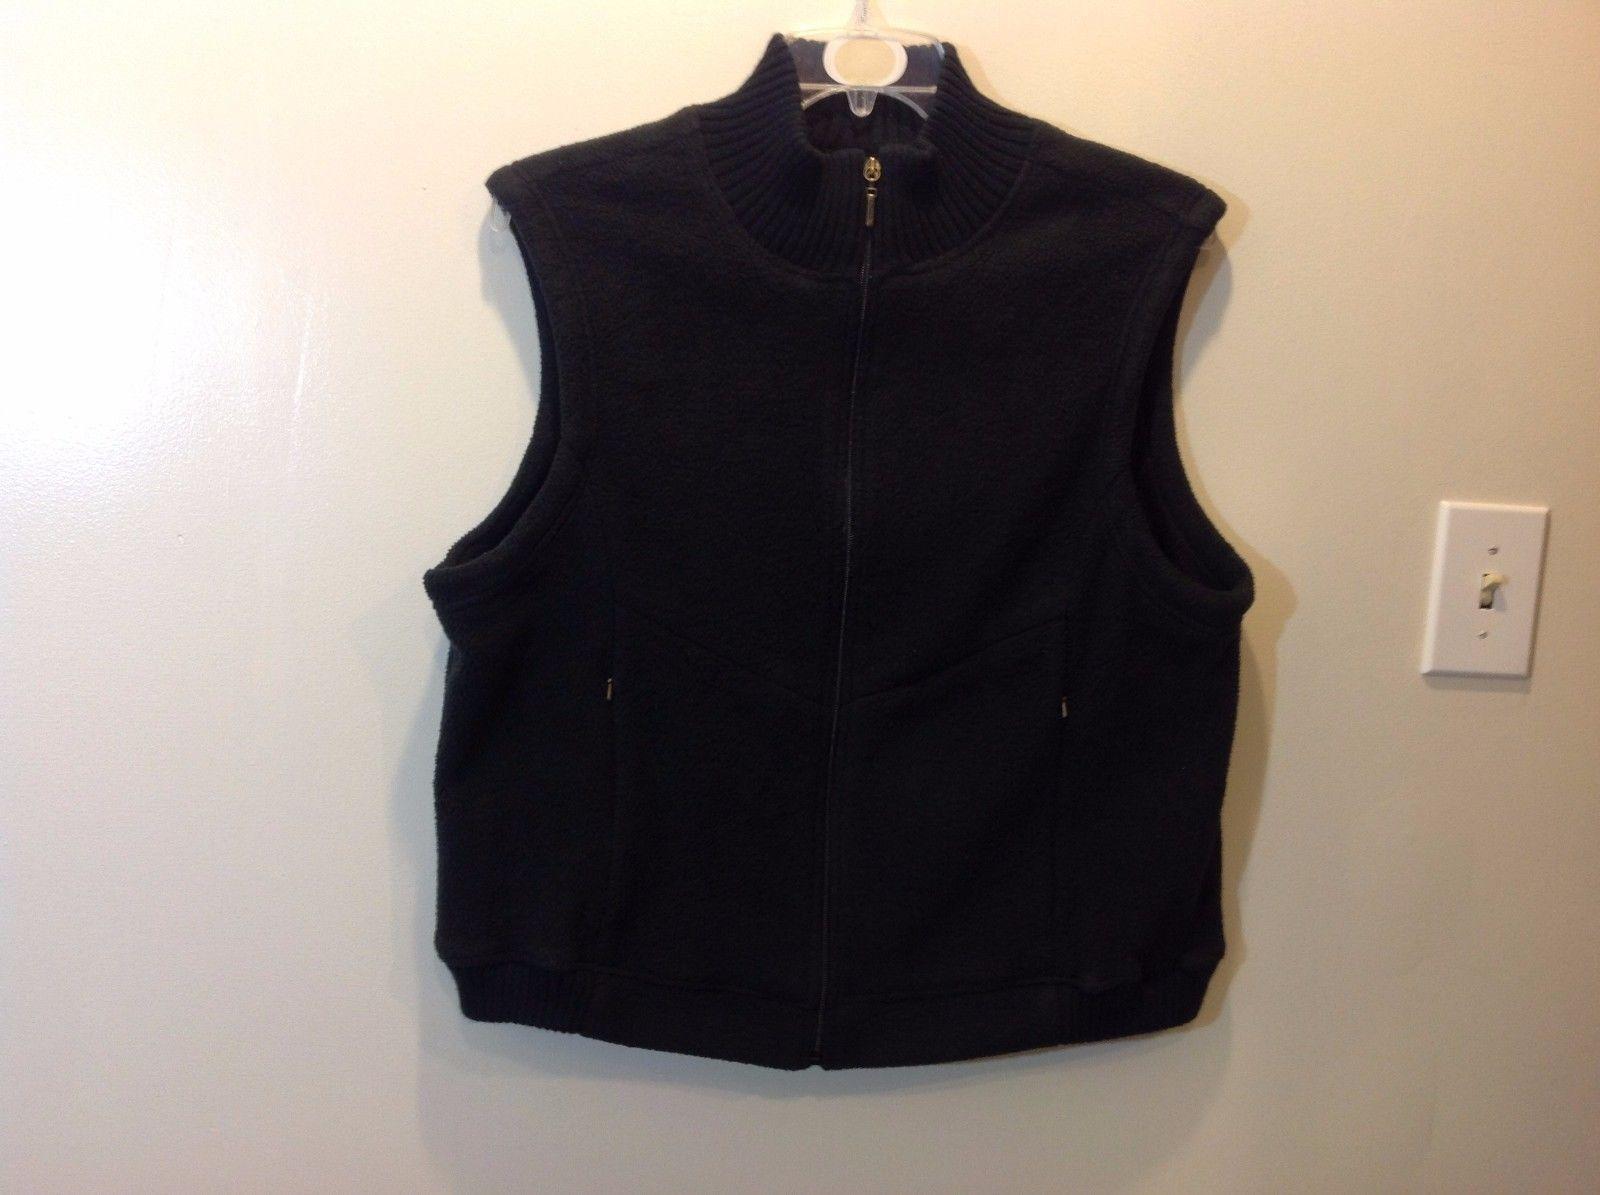 Ladies Catalina Black Soft Warm Fleecey Zip Up Vest Sz XL 16 18